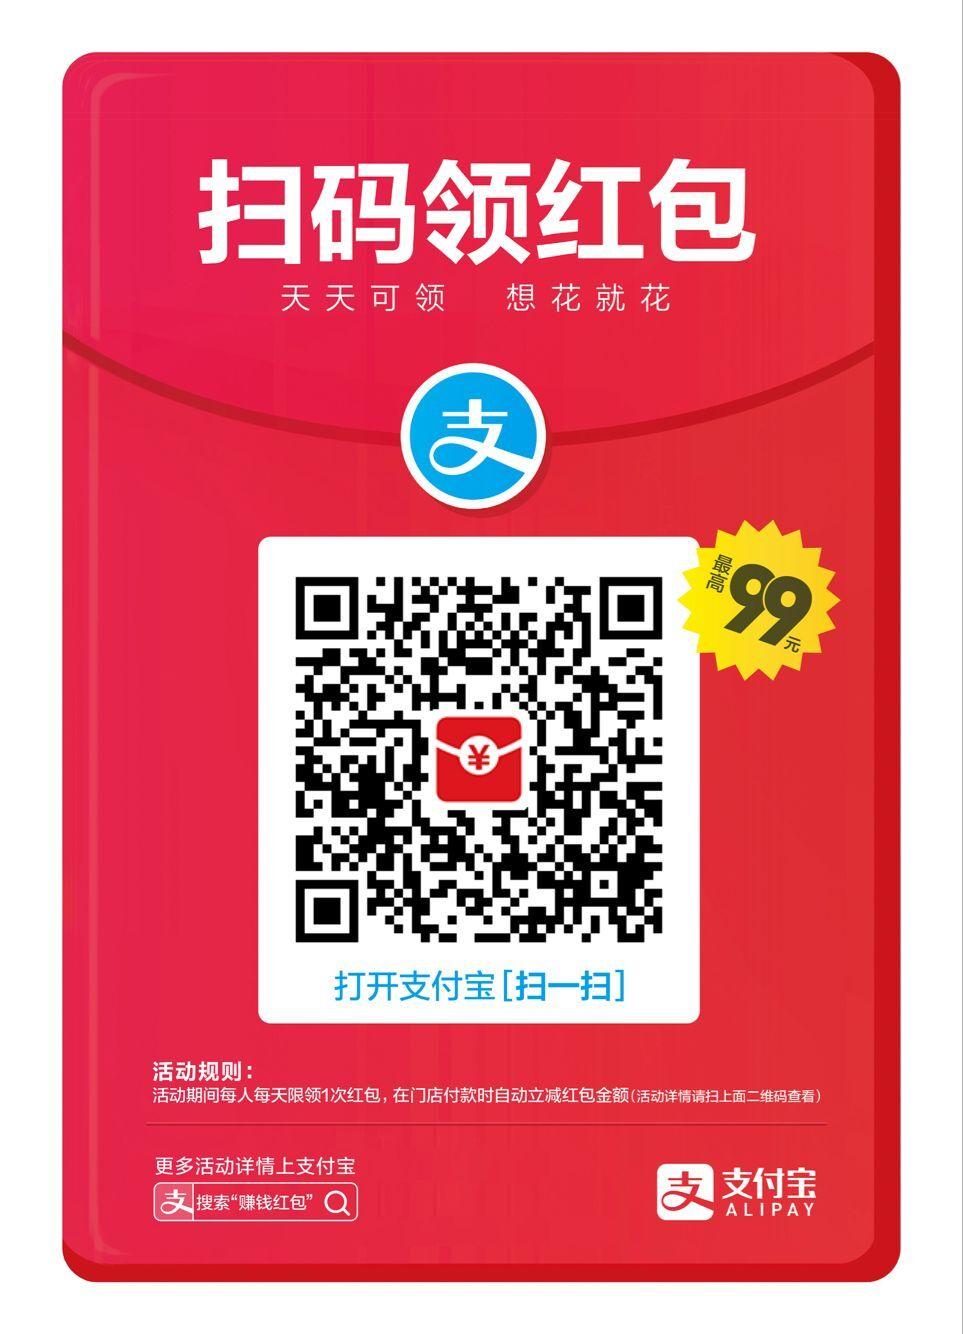 新一轮红包雨开启 支付宝投10亿回馈老用户